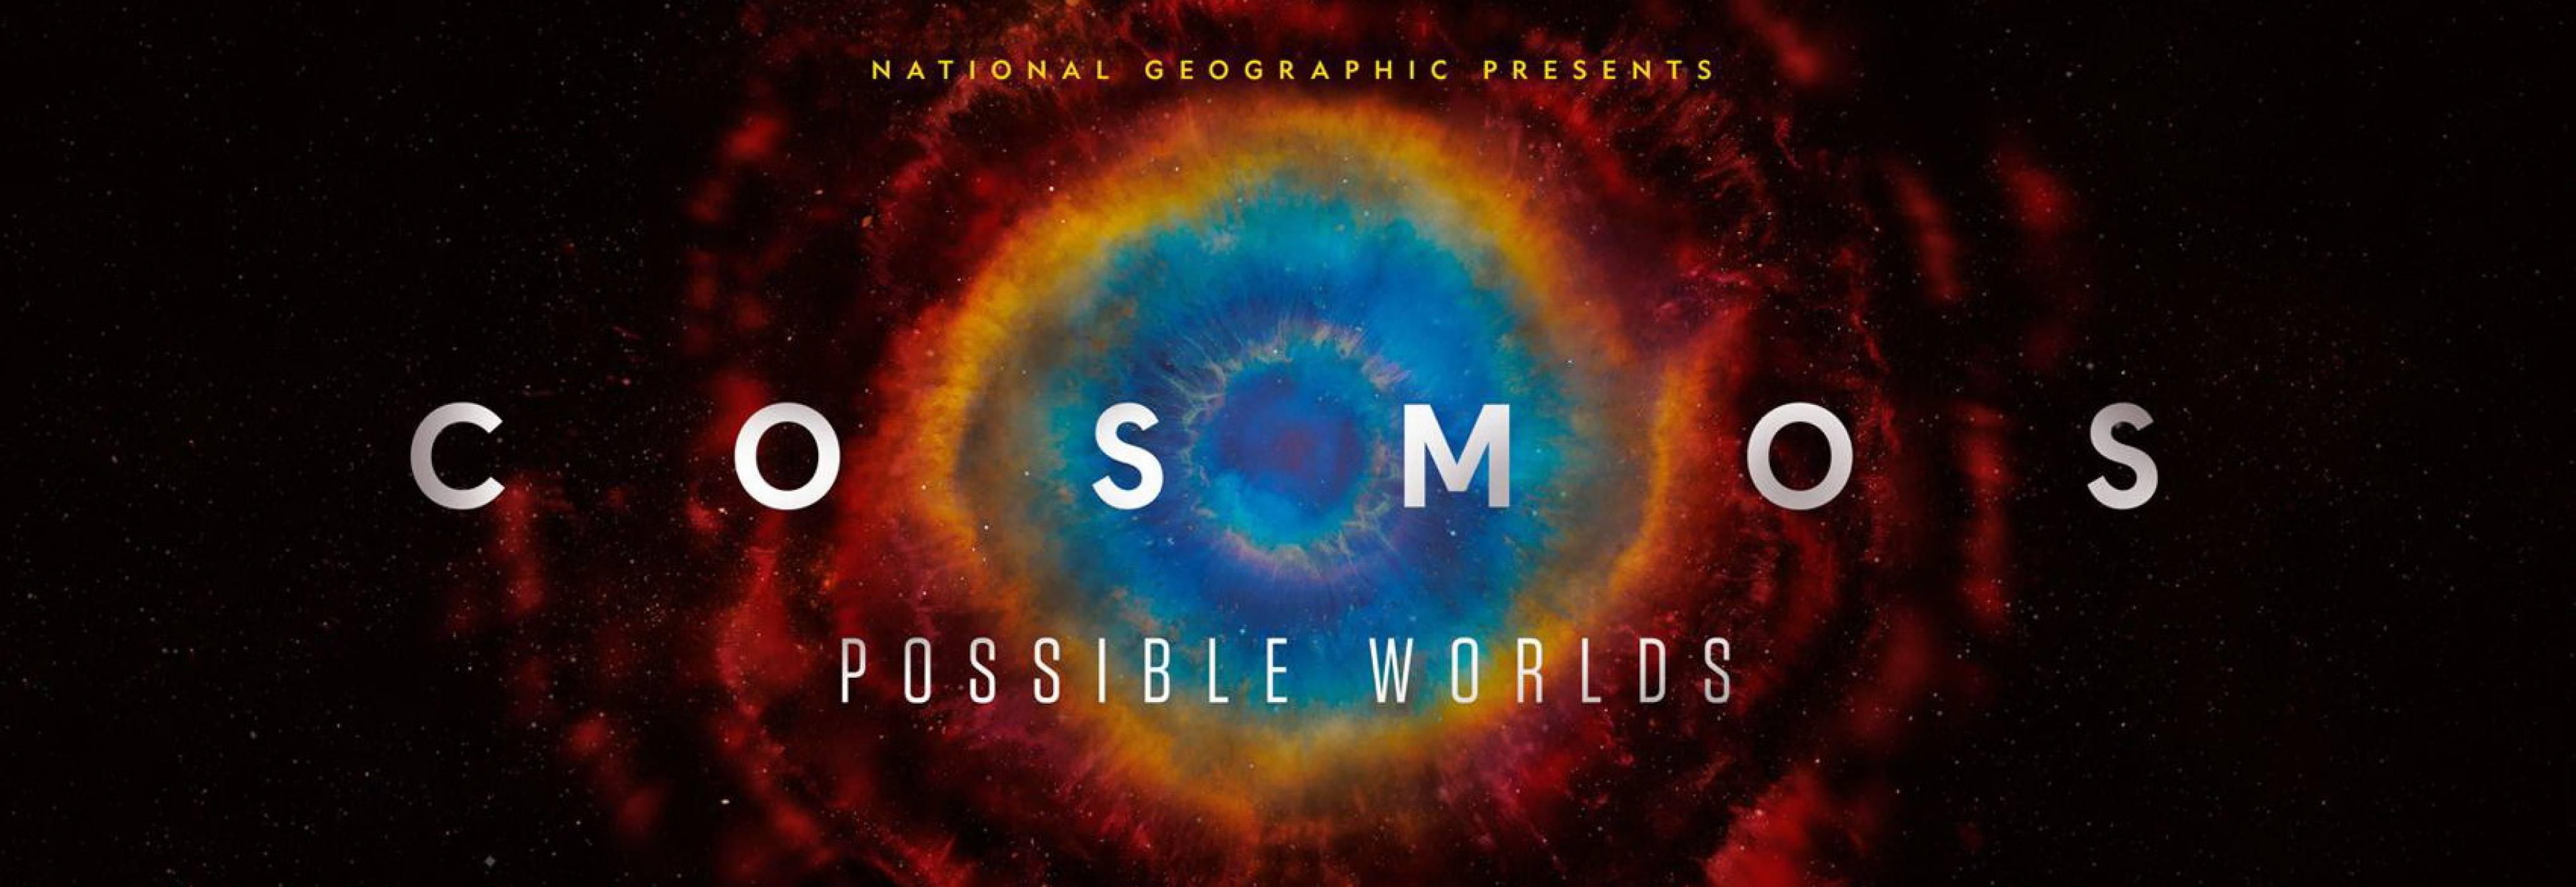 Космос: Възможни светове – вълнуващото научно приключение продължава от 29 март по National Geographic.